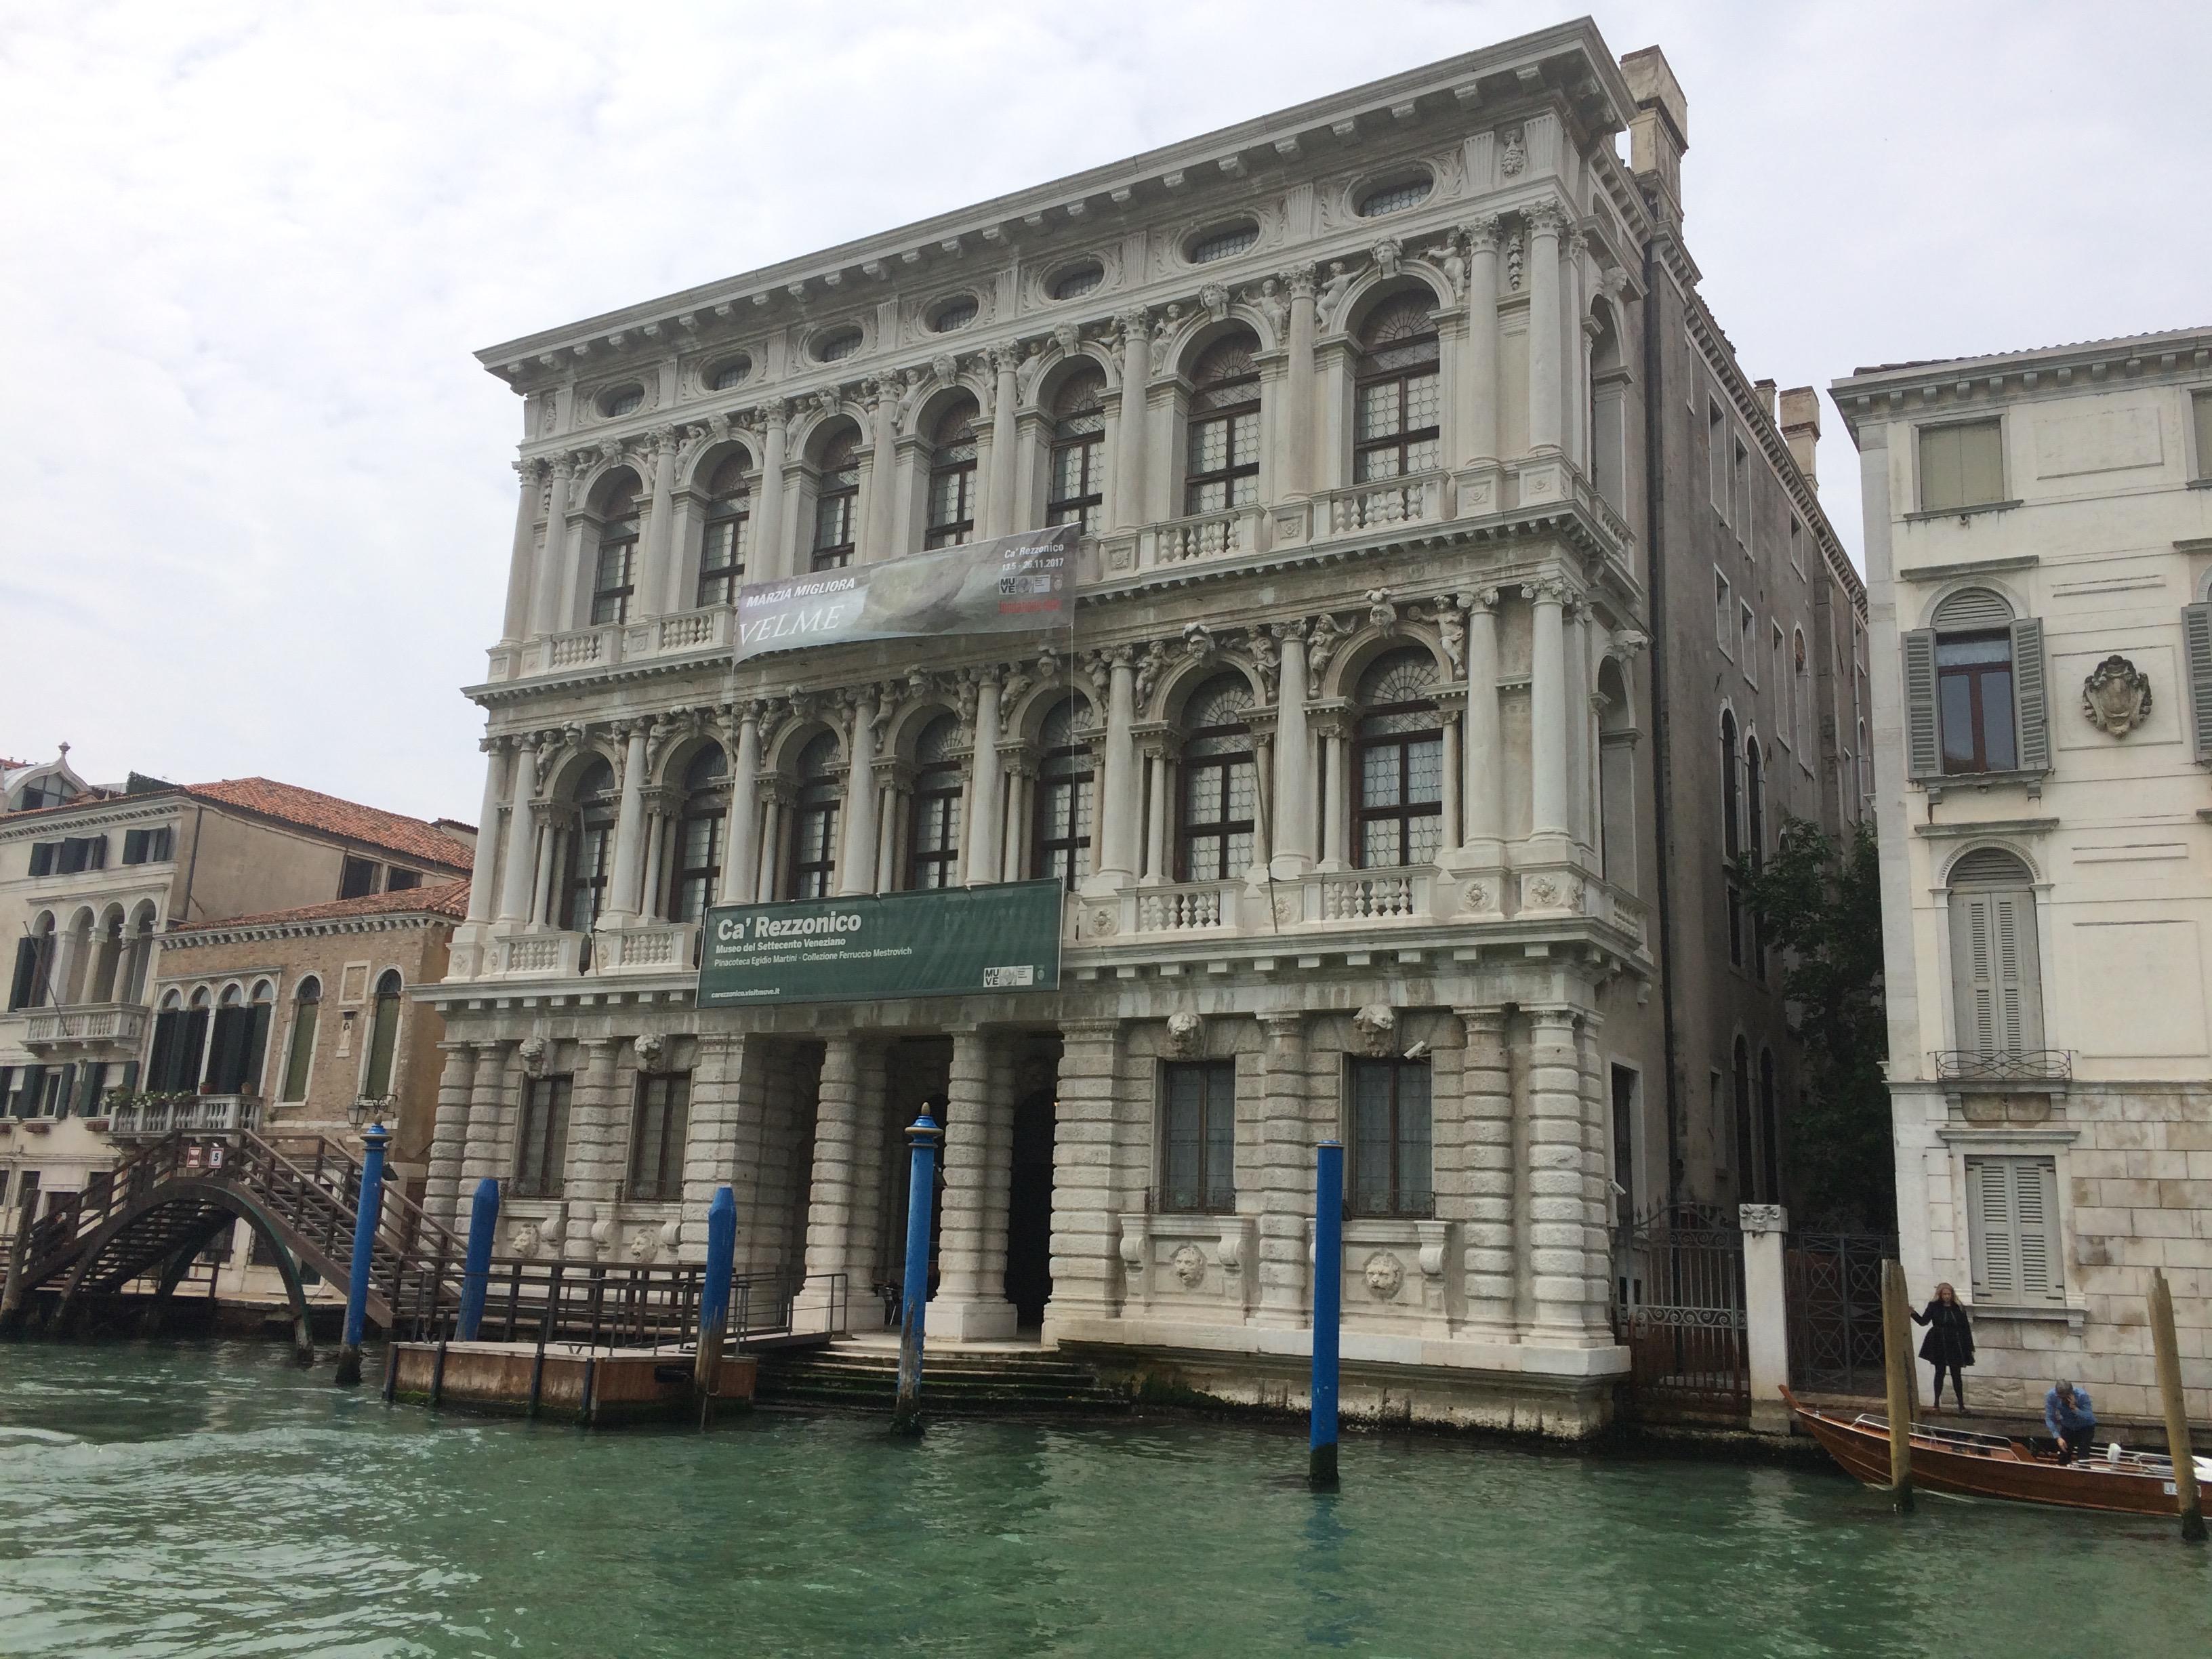 Venice - Ca' Rezzonico exterior